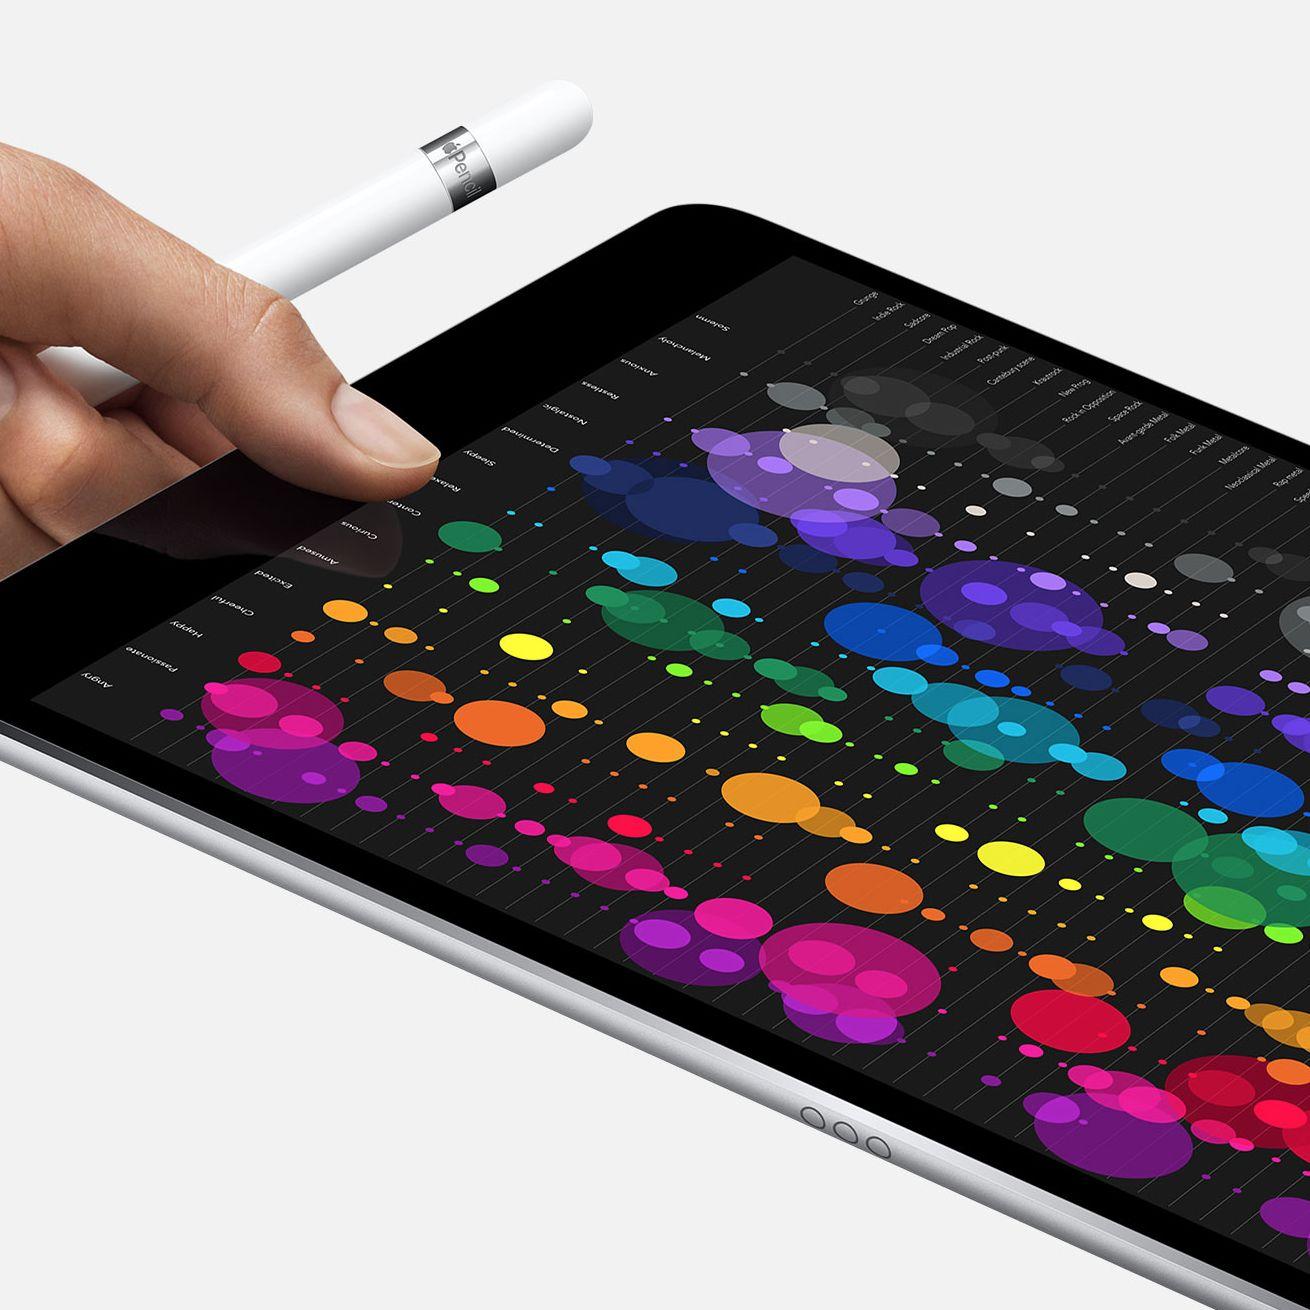 Jak propojit iPad s TV